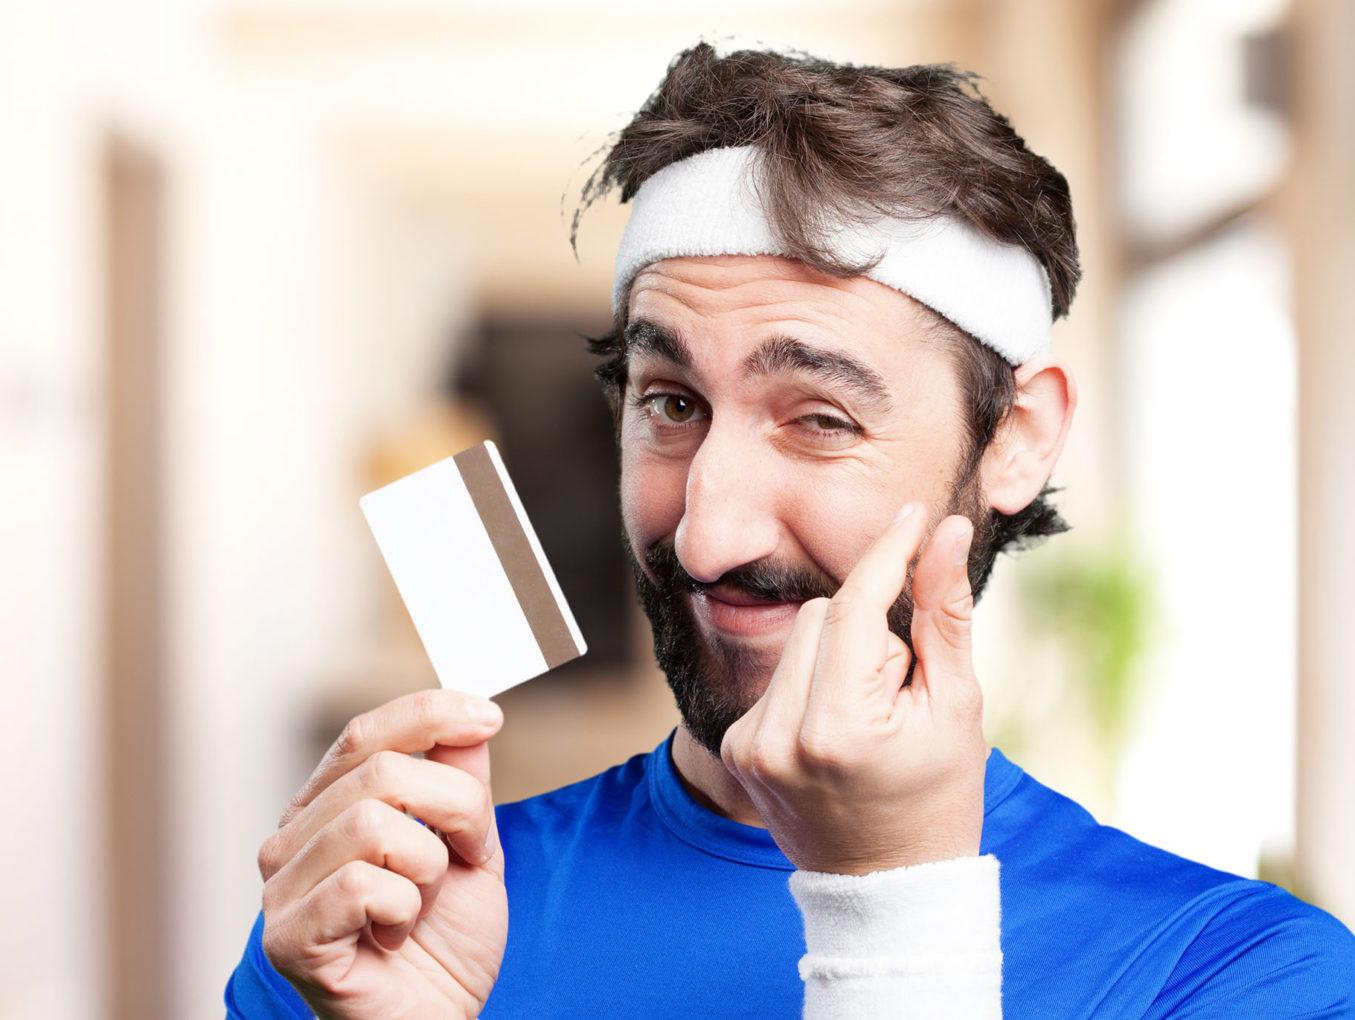 Karty Multisport finansowane w całości lub w części przez Pracodawcę a Zus i Pit-4